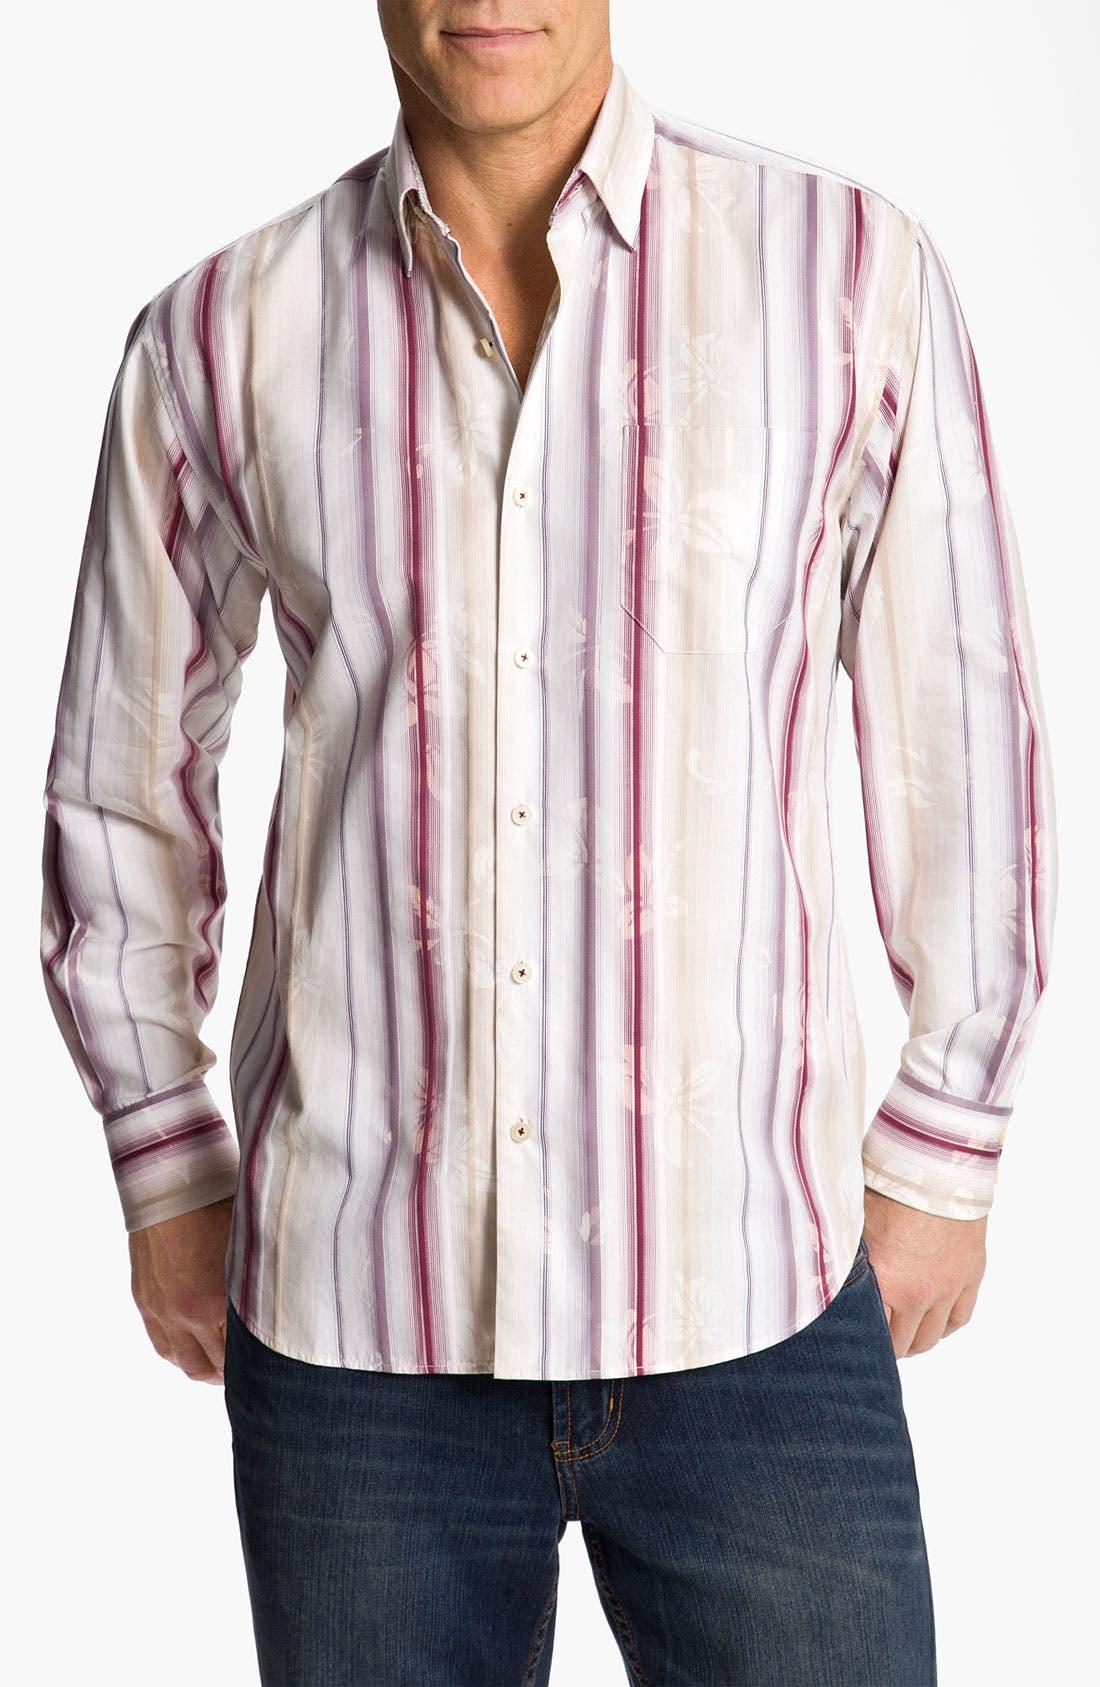 Main Image - Tommy Bahama 'Fleur de Soleil' Sport Shirt